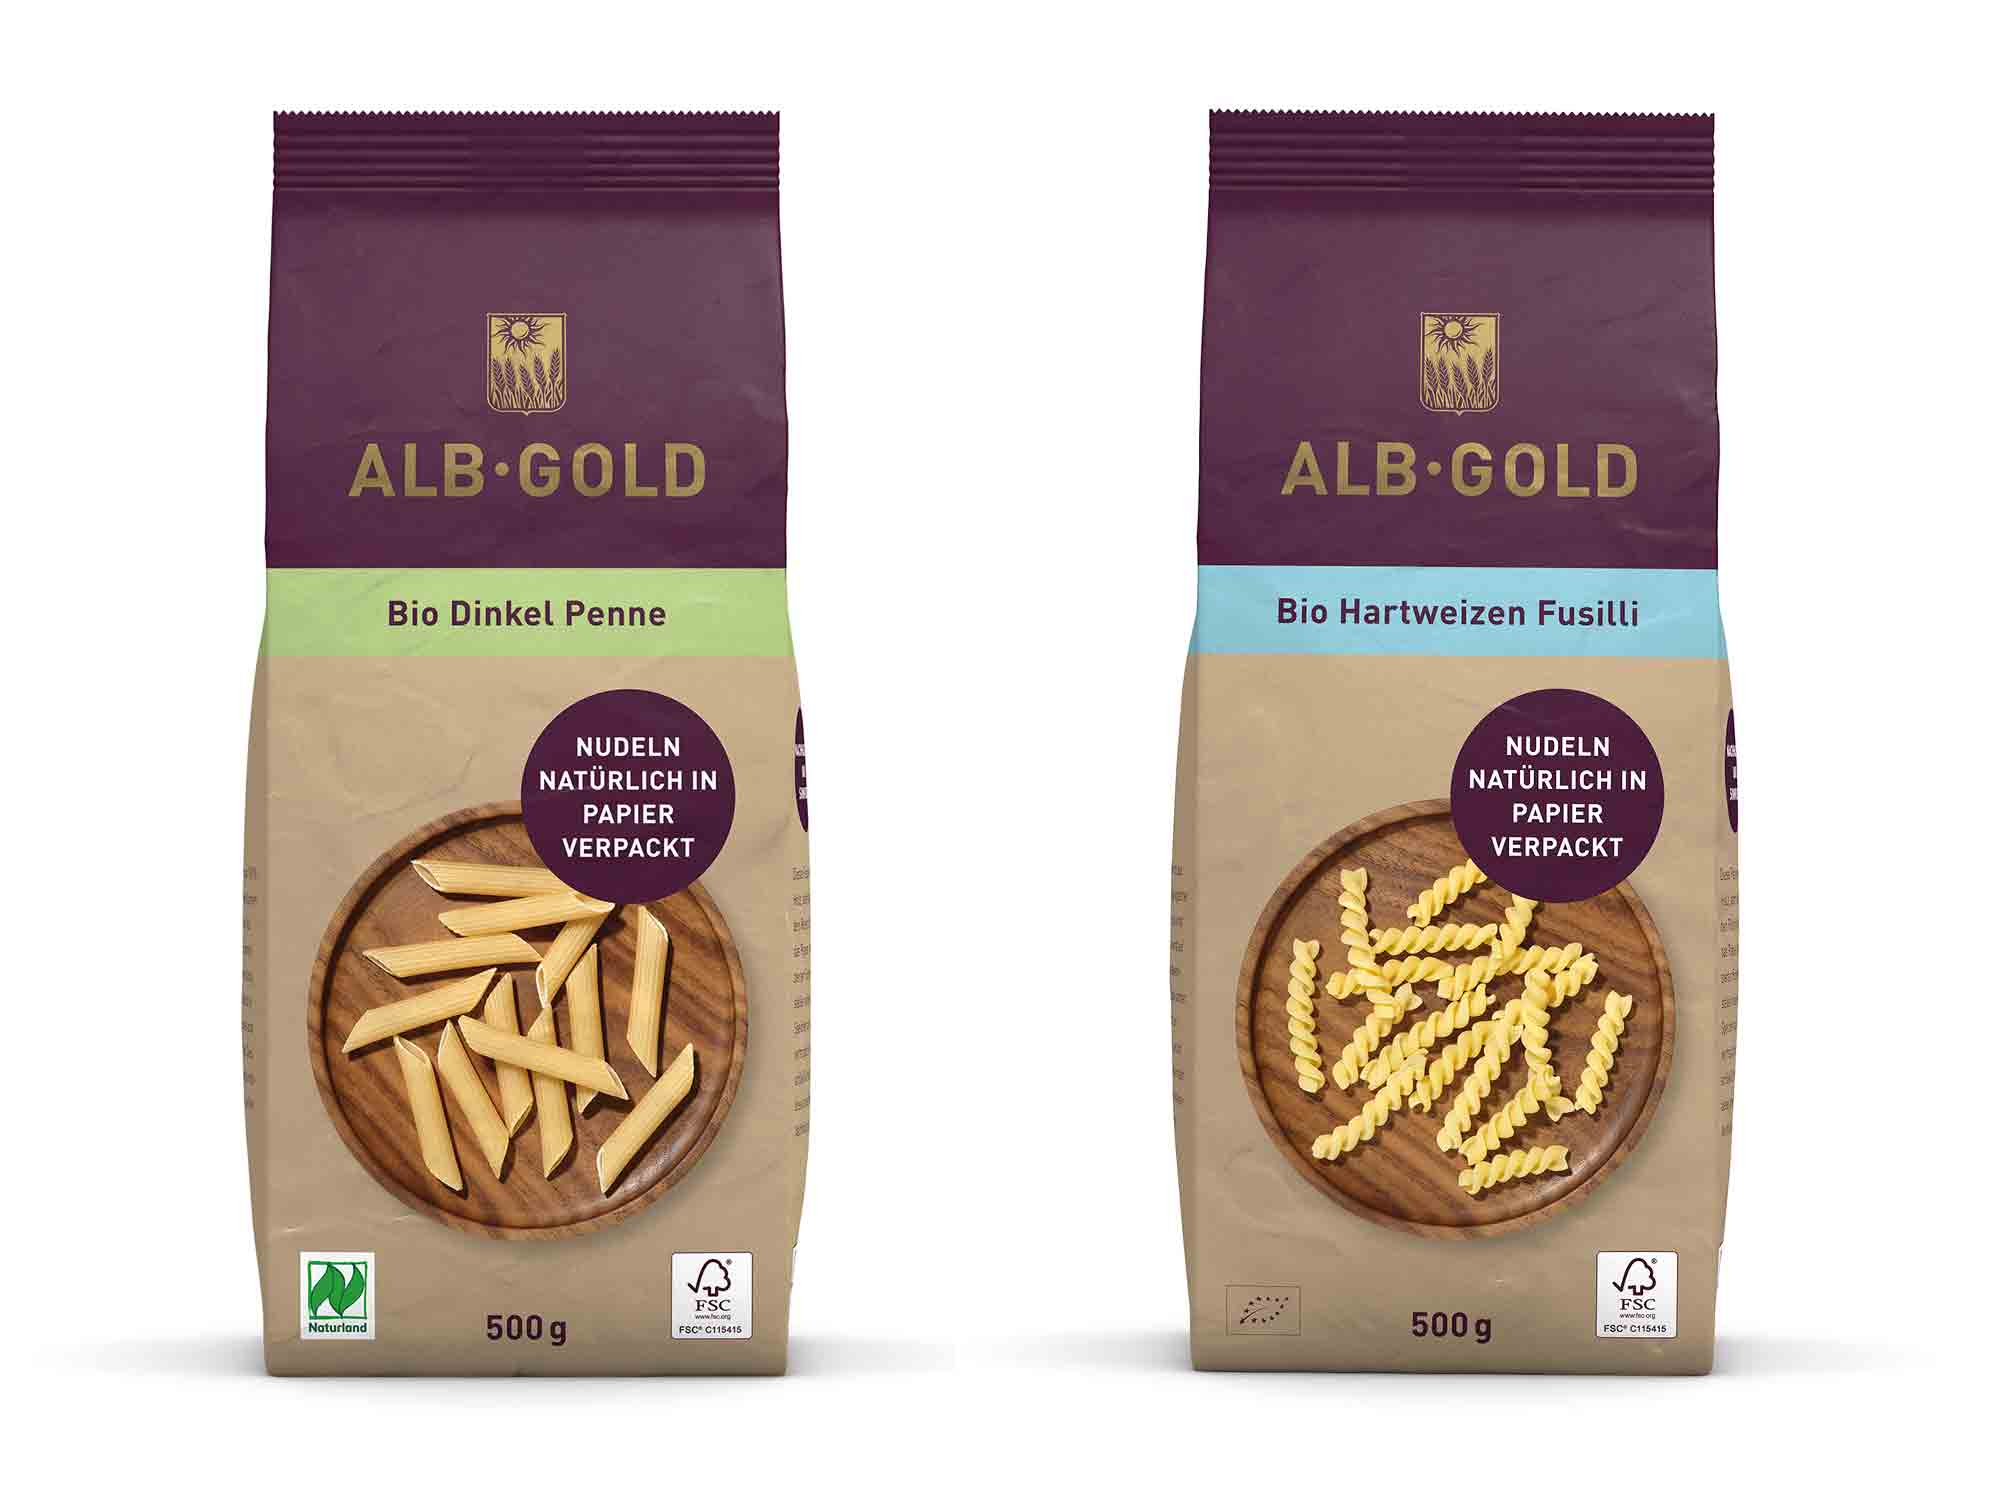 Zwei der fünf plastikfrei-verpackten Nudelsorten von Albgold / Photo: PR